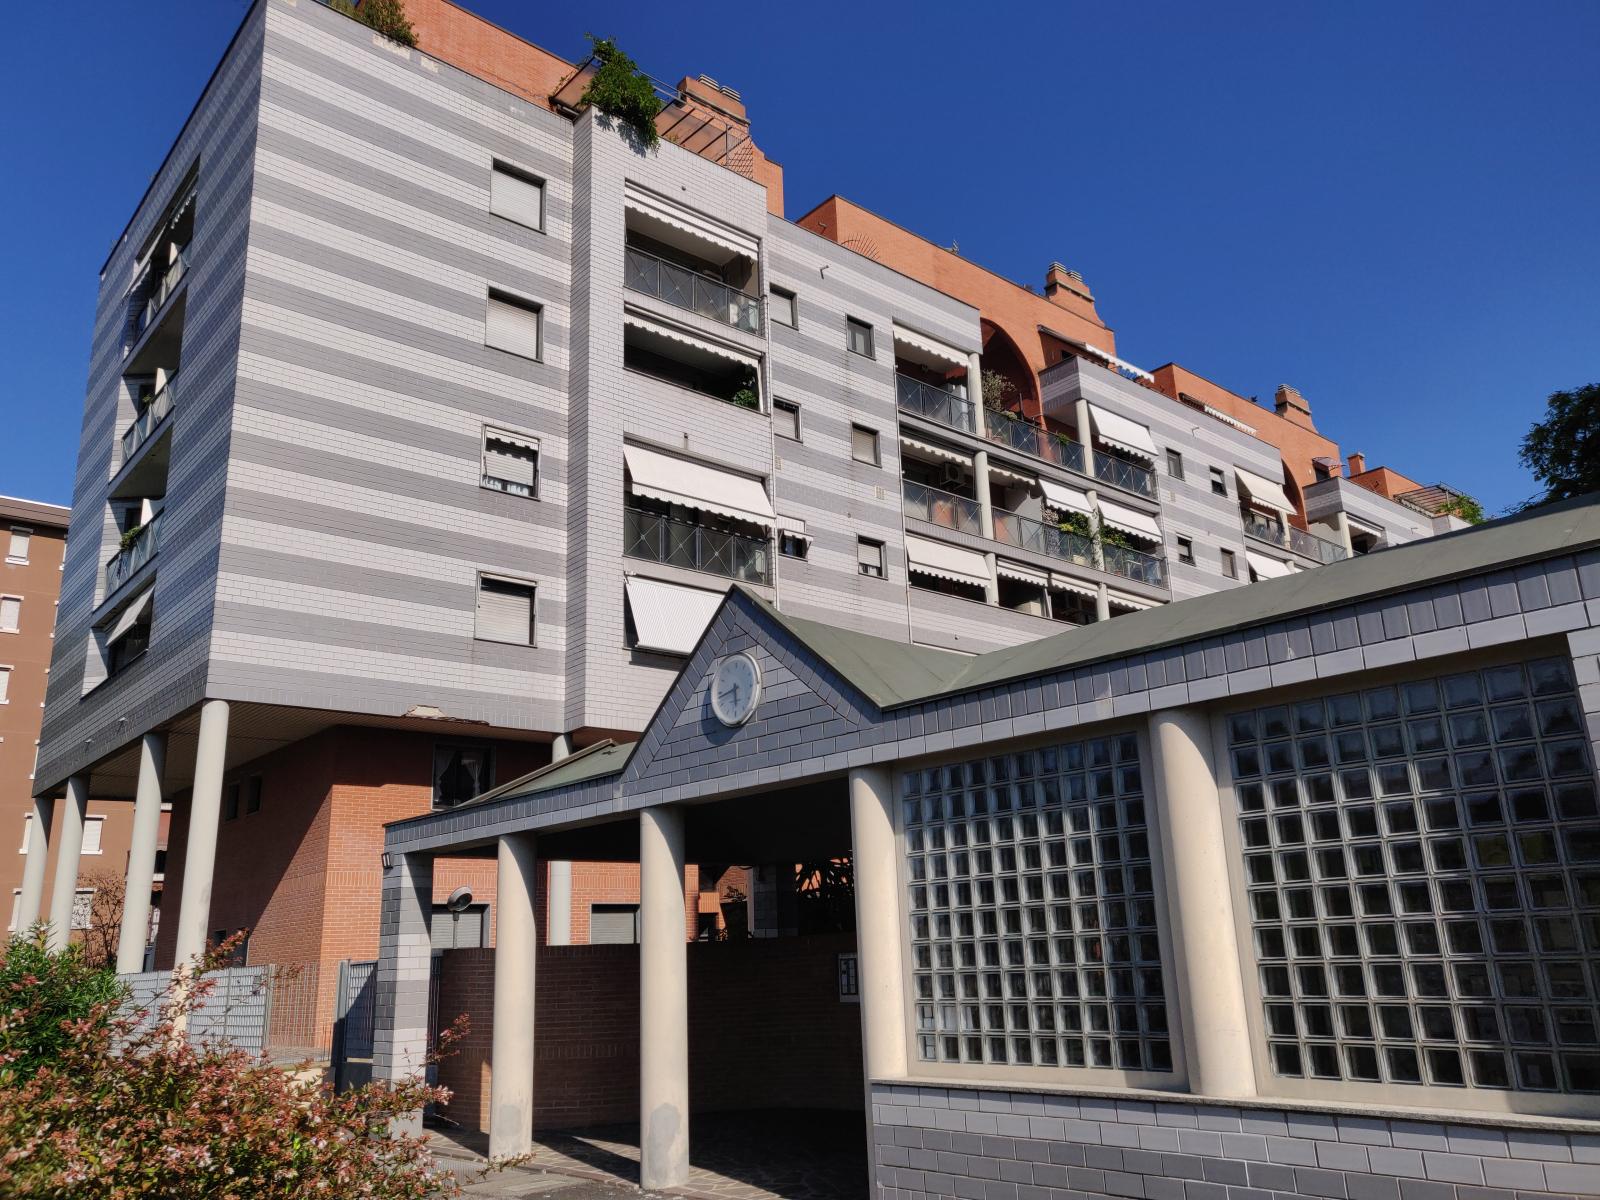 appartamento-in-vendita-bilocale-2-locali-milano-baggio-cividale-del-friuli-spaziourbano-immobiliare-vende-9